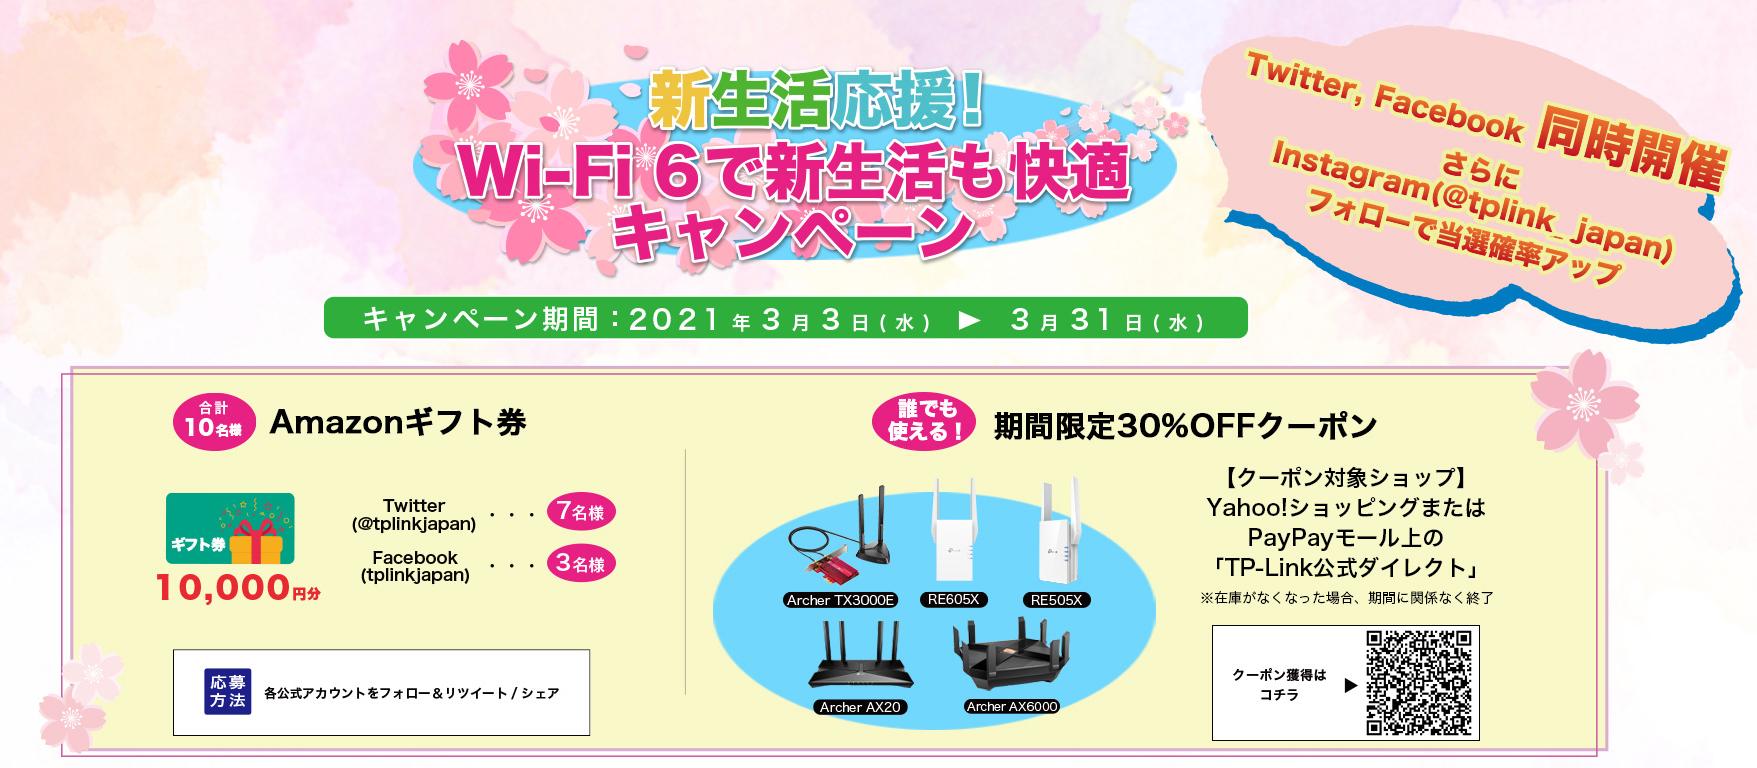 Wi-Fi 6で新生活も快適キャンペーン